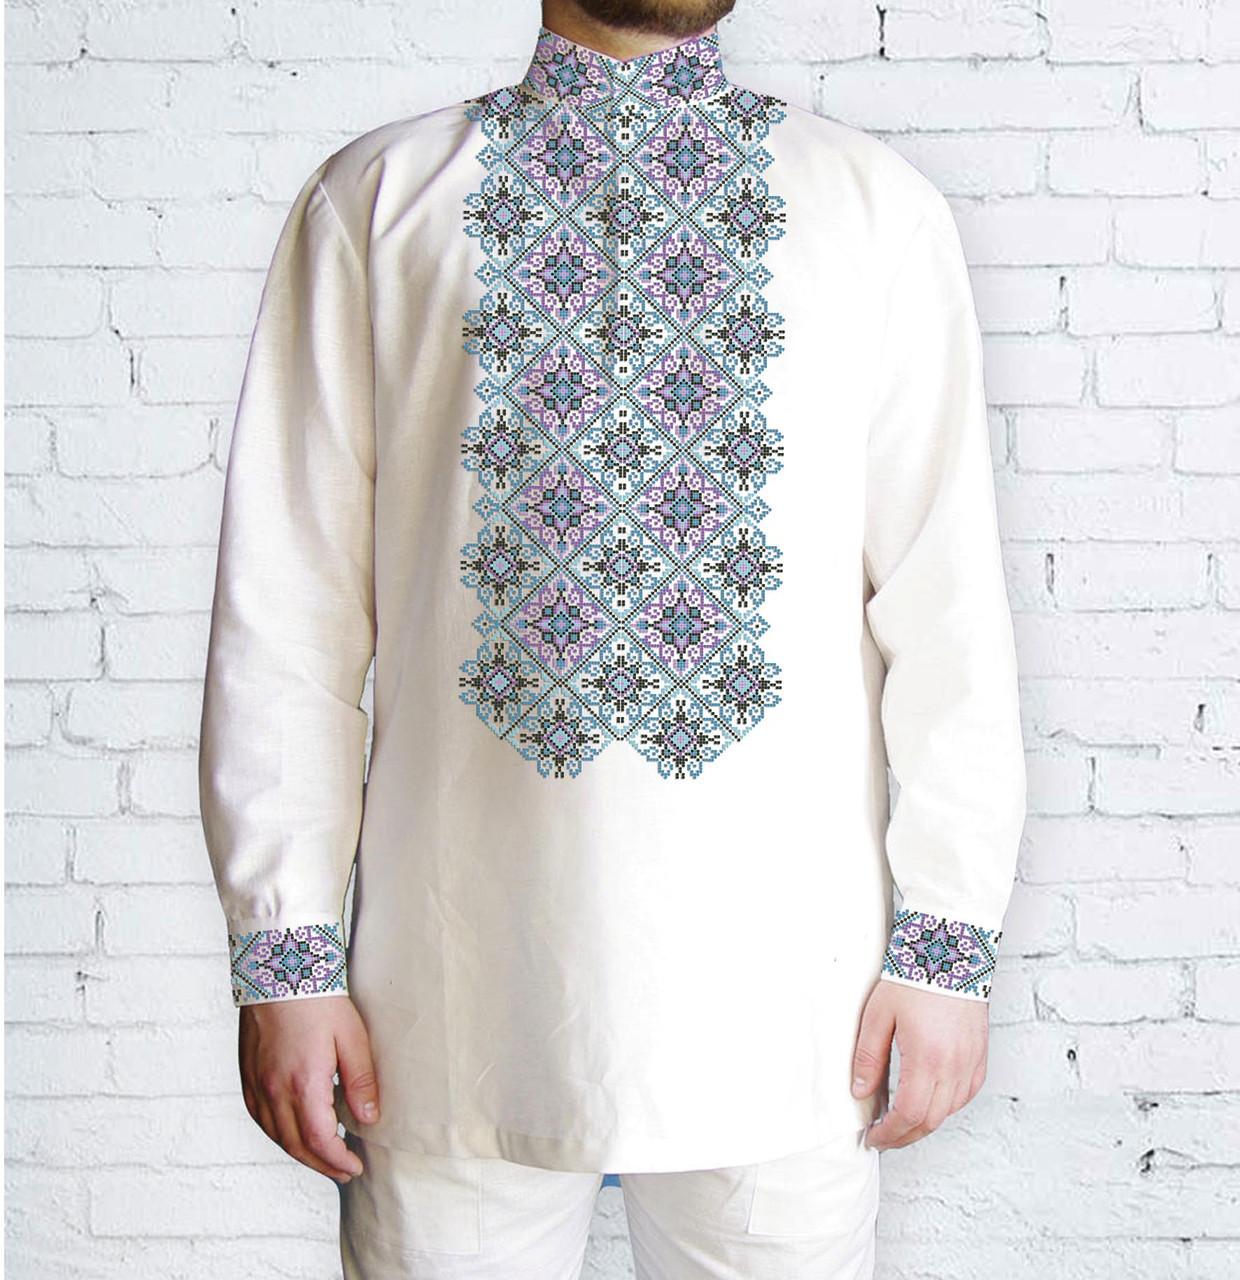 Заготовка мужской рубашки / вышиванки / сорочки для вышивки / вышивания бисером или нитками «Орнамент 532»